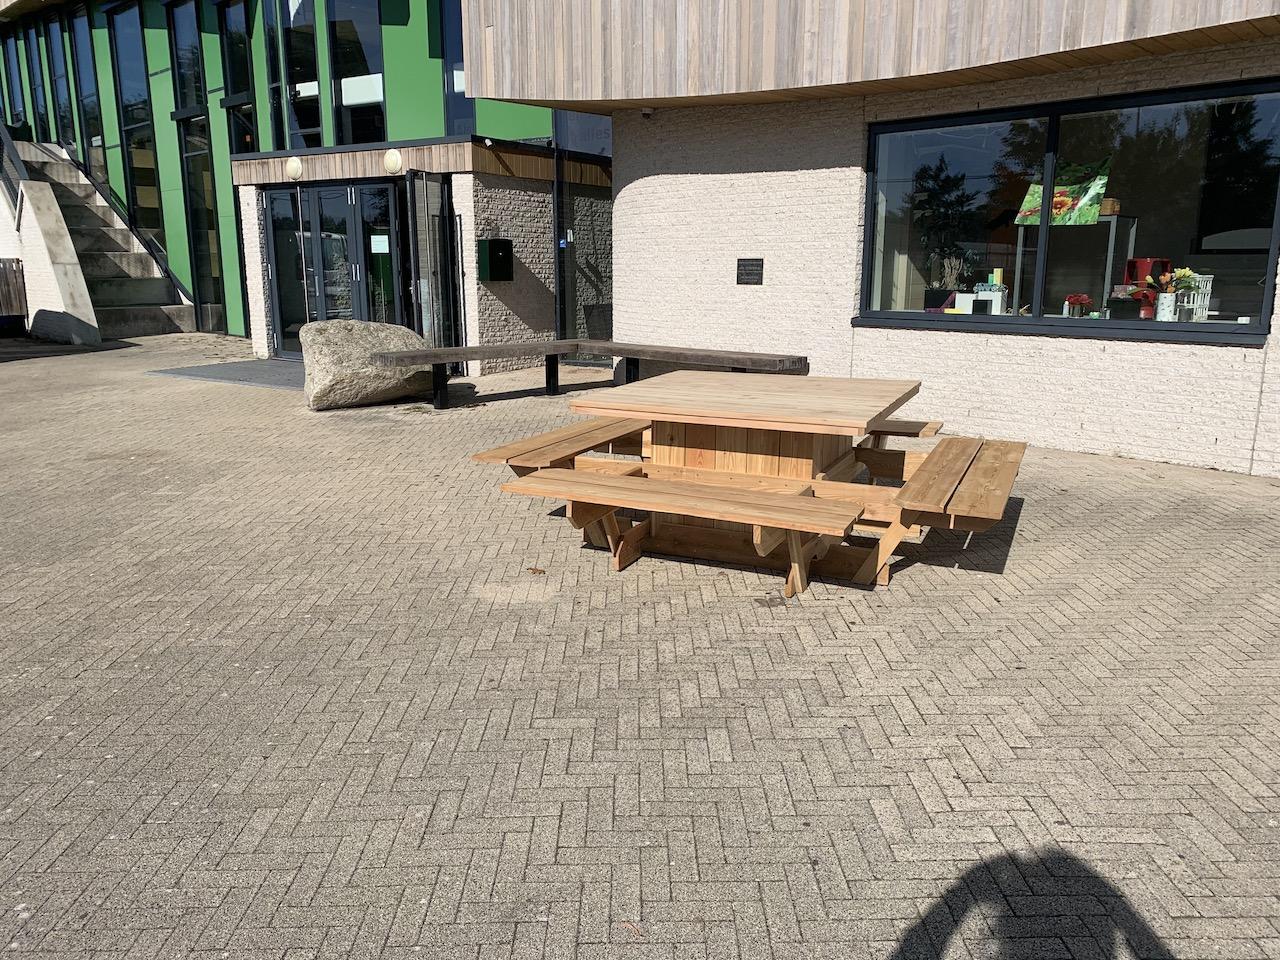 Prachtige nieuwe picknicktafels op het schoolplein